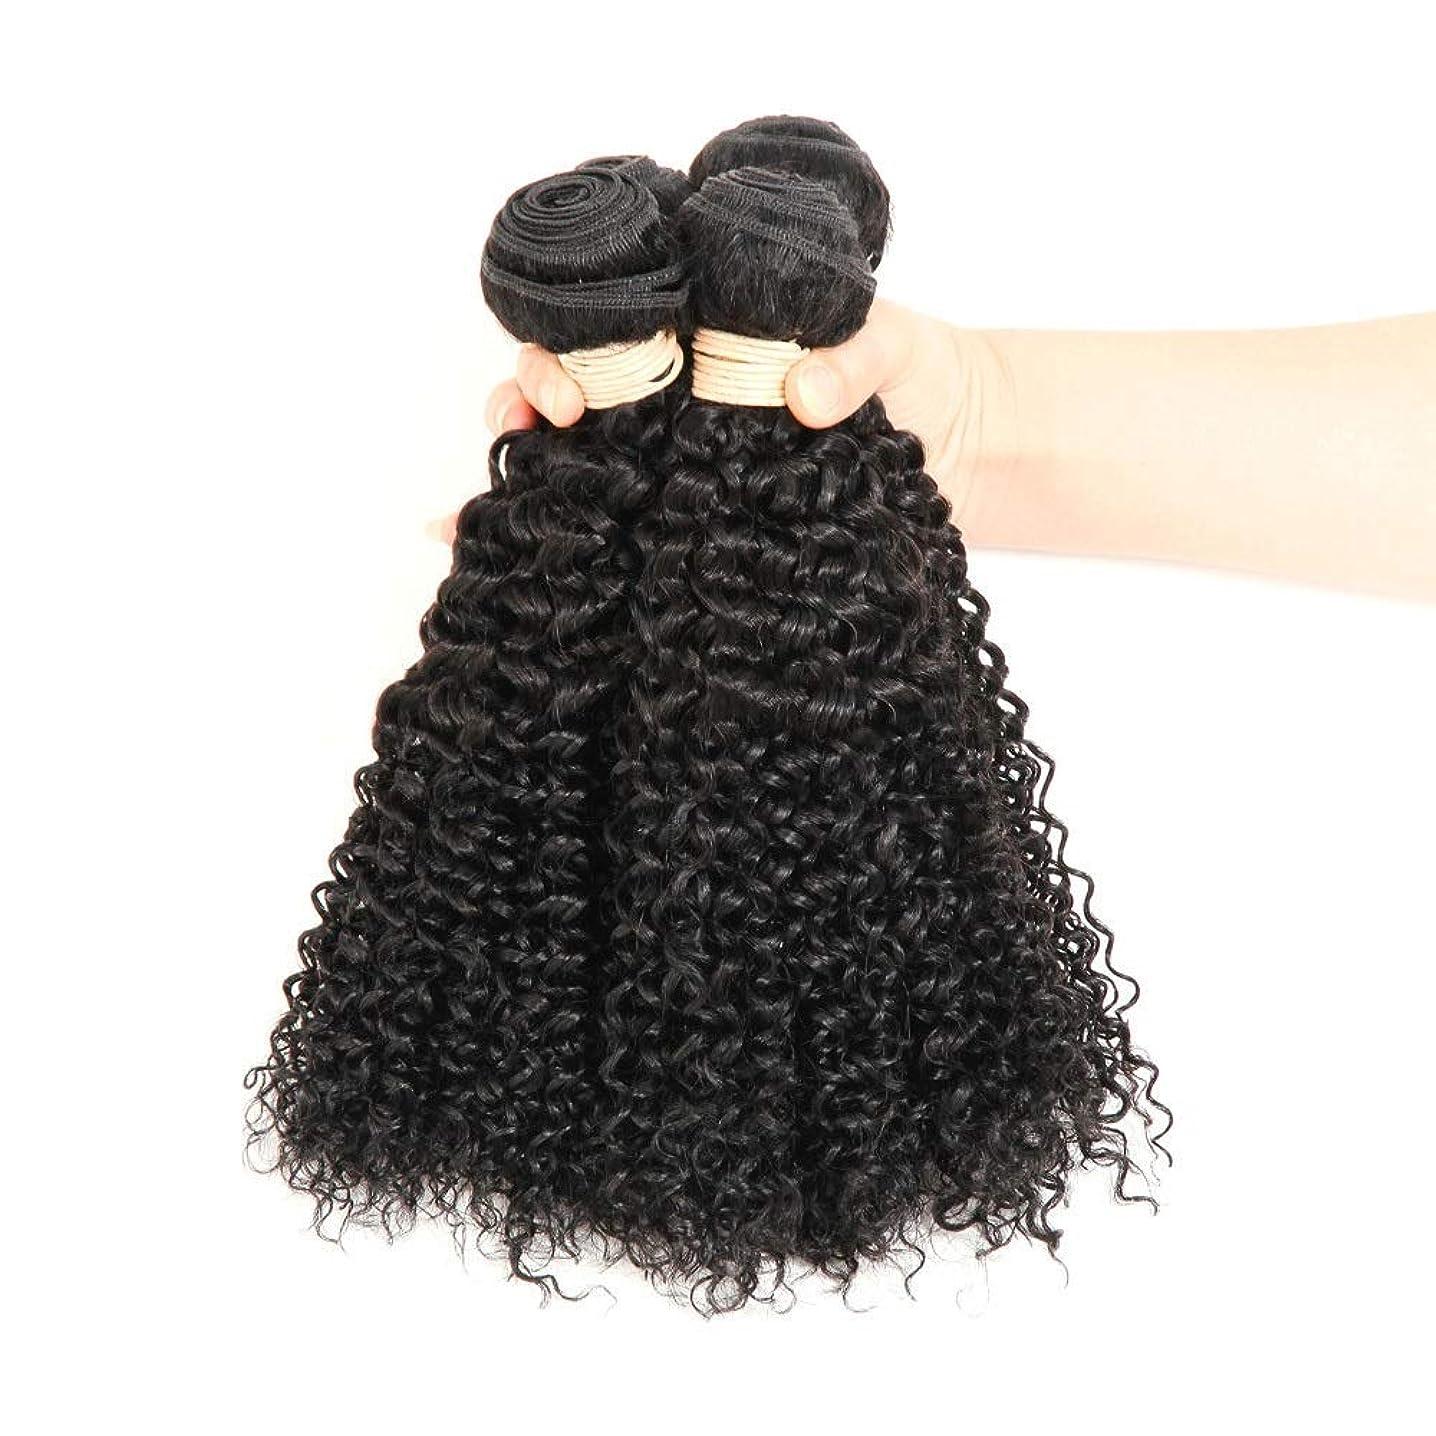 精緻化恥請求YAHONGOE ブラジルのバージン人間の髪の毛の束ブラジルの変態カーリー織り人毛ナチュラルブラック色16-22インチ(100 +/- 5g)/ pc 1バンドルロールプレイングかつら女性の自然なかつら (色 : 黒, サイズ : 22 inch)